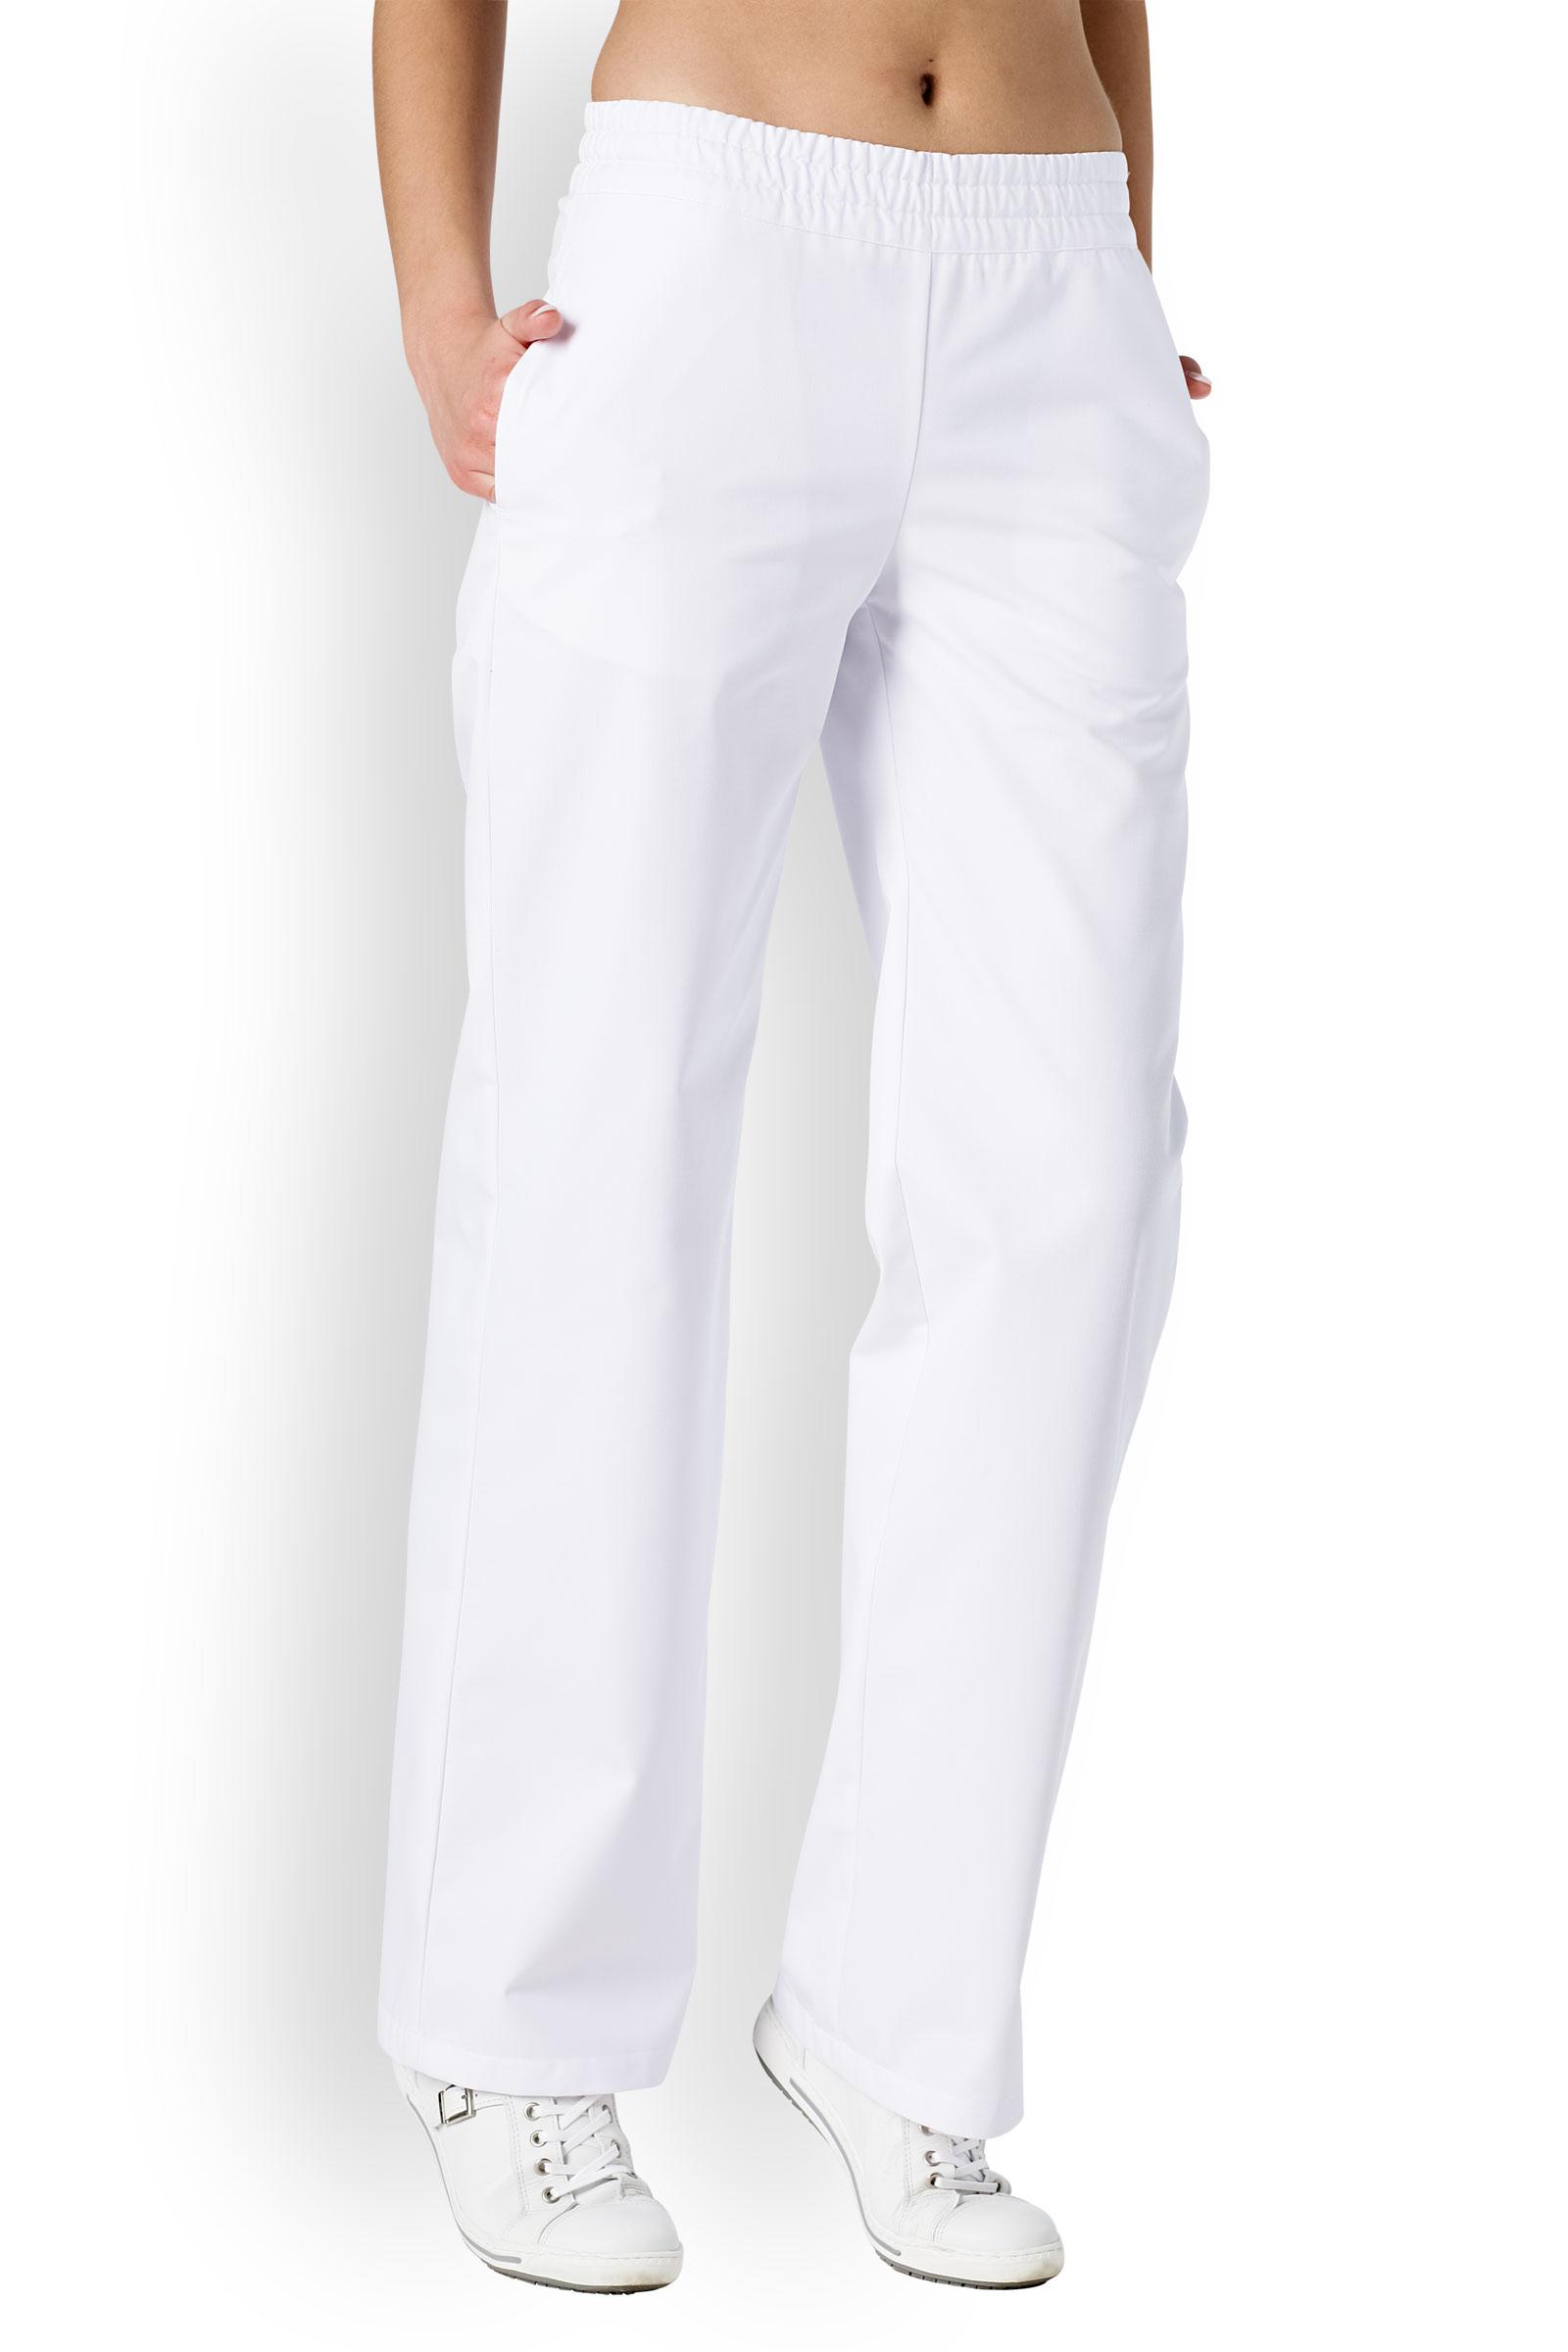 Clinic Dress Dámské dlouhé kalhoty Clinic Dress Bílá 38